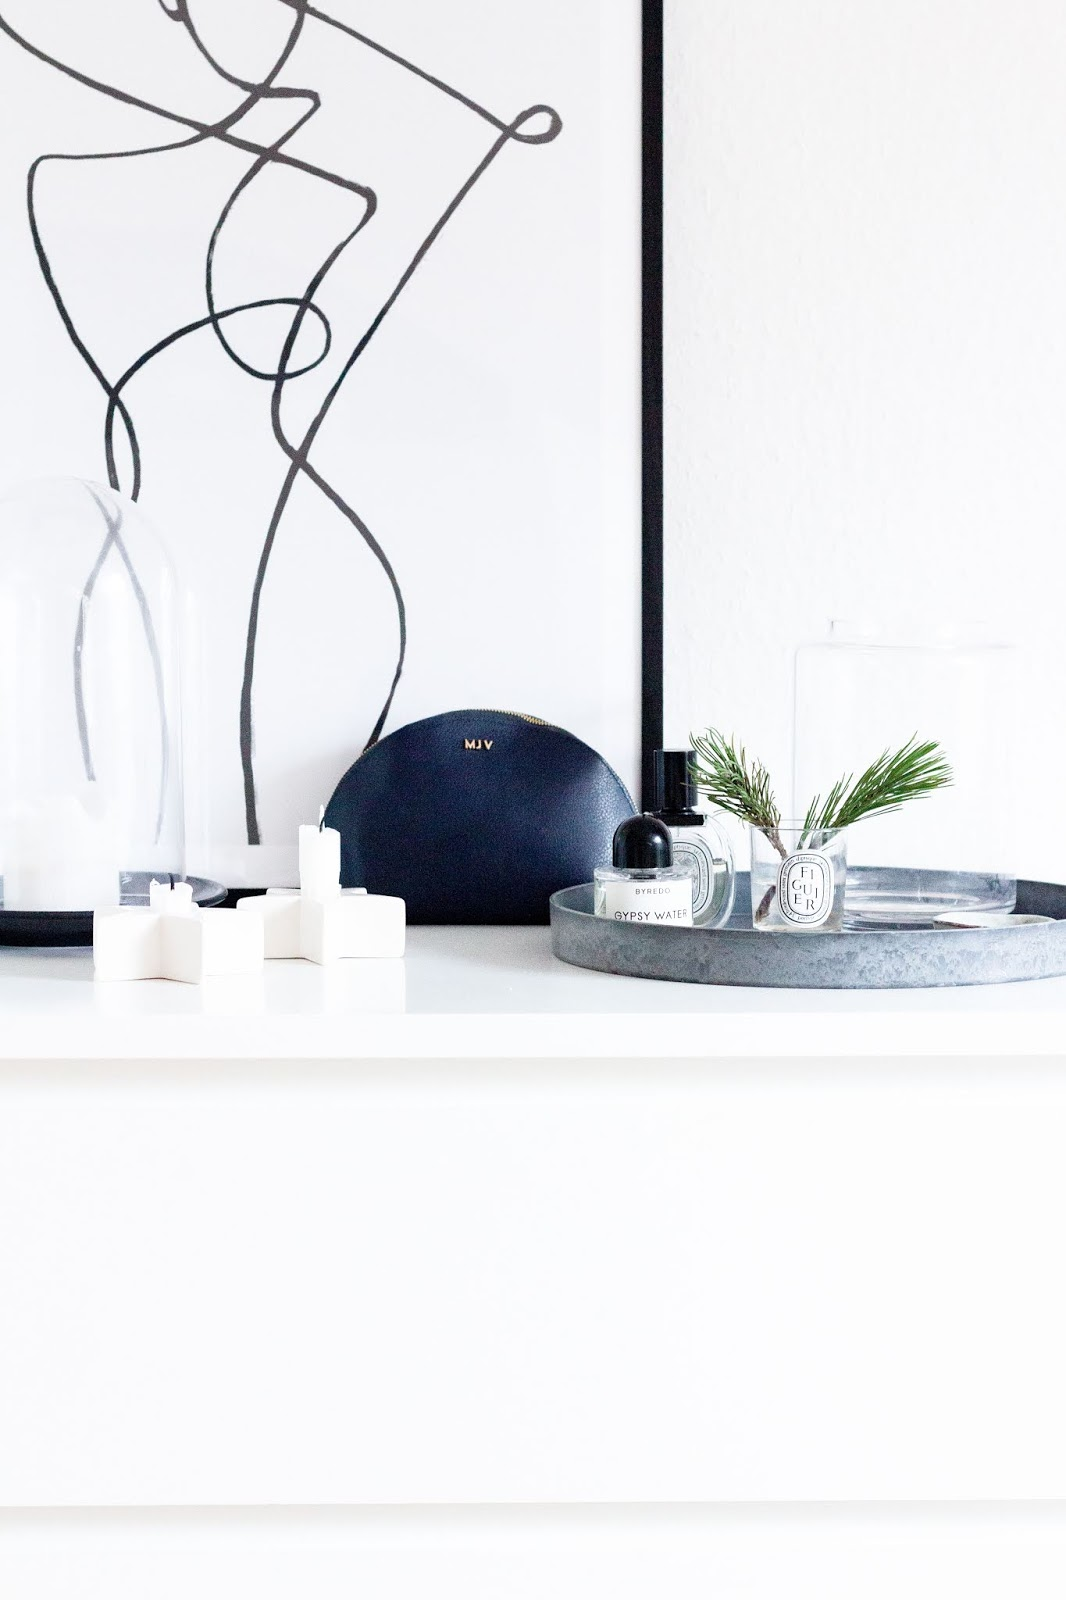 Interior | Eine neue Schminkecke mit dem Normann Copenhagen Flip Spiegel | www.scandiinspiration.com